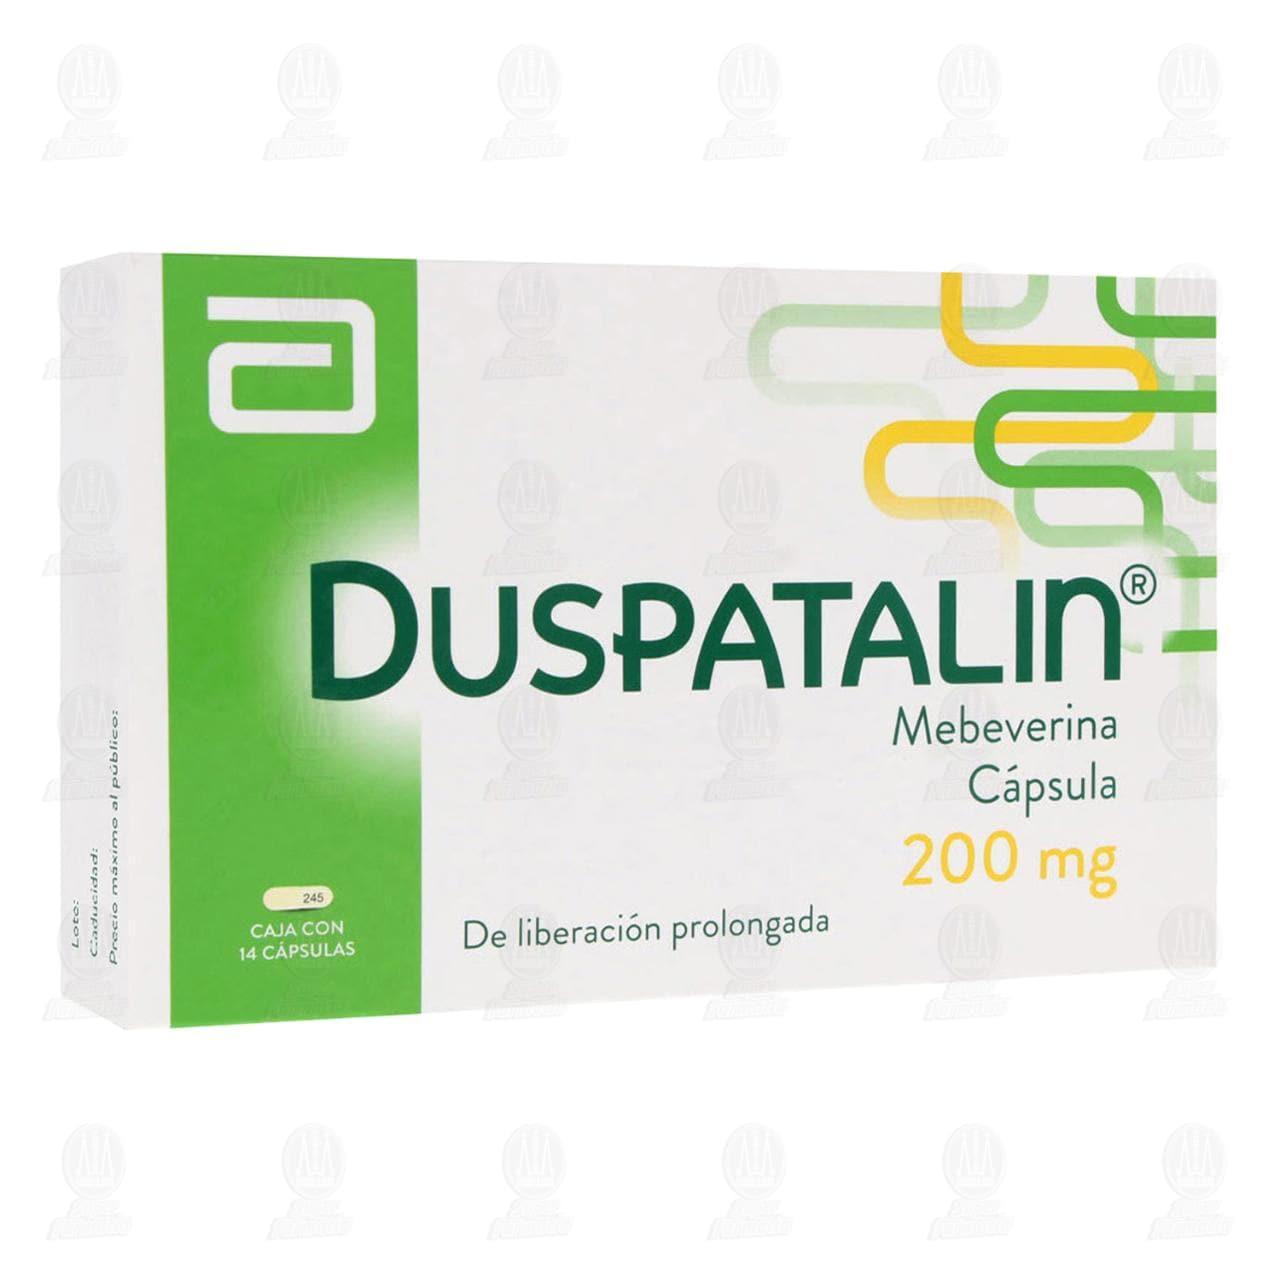 Comprar Duspatalin 200mg 14 Cápsulas en Farmacias Guadalajara